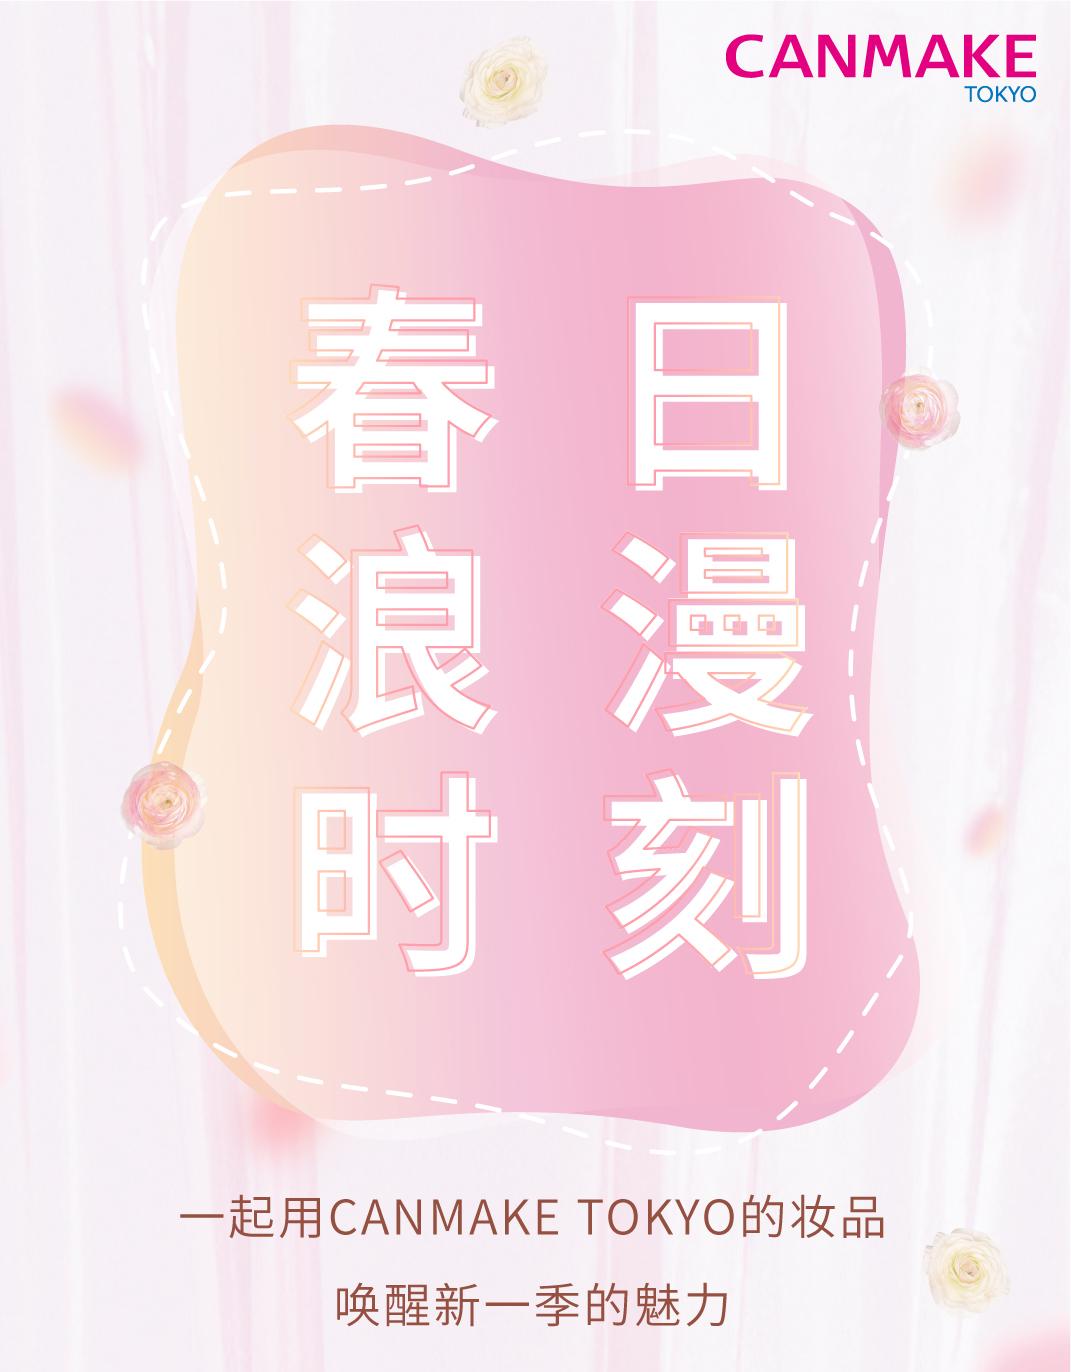 CANMAKE TOKYO 邀你共享春日浪漫时刻!